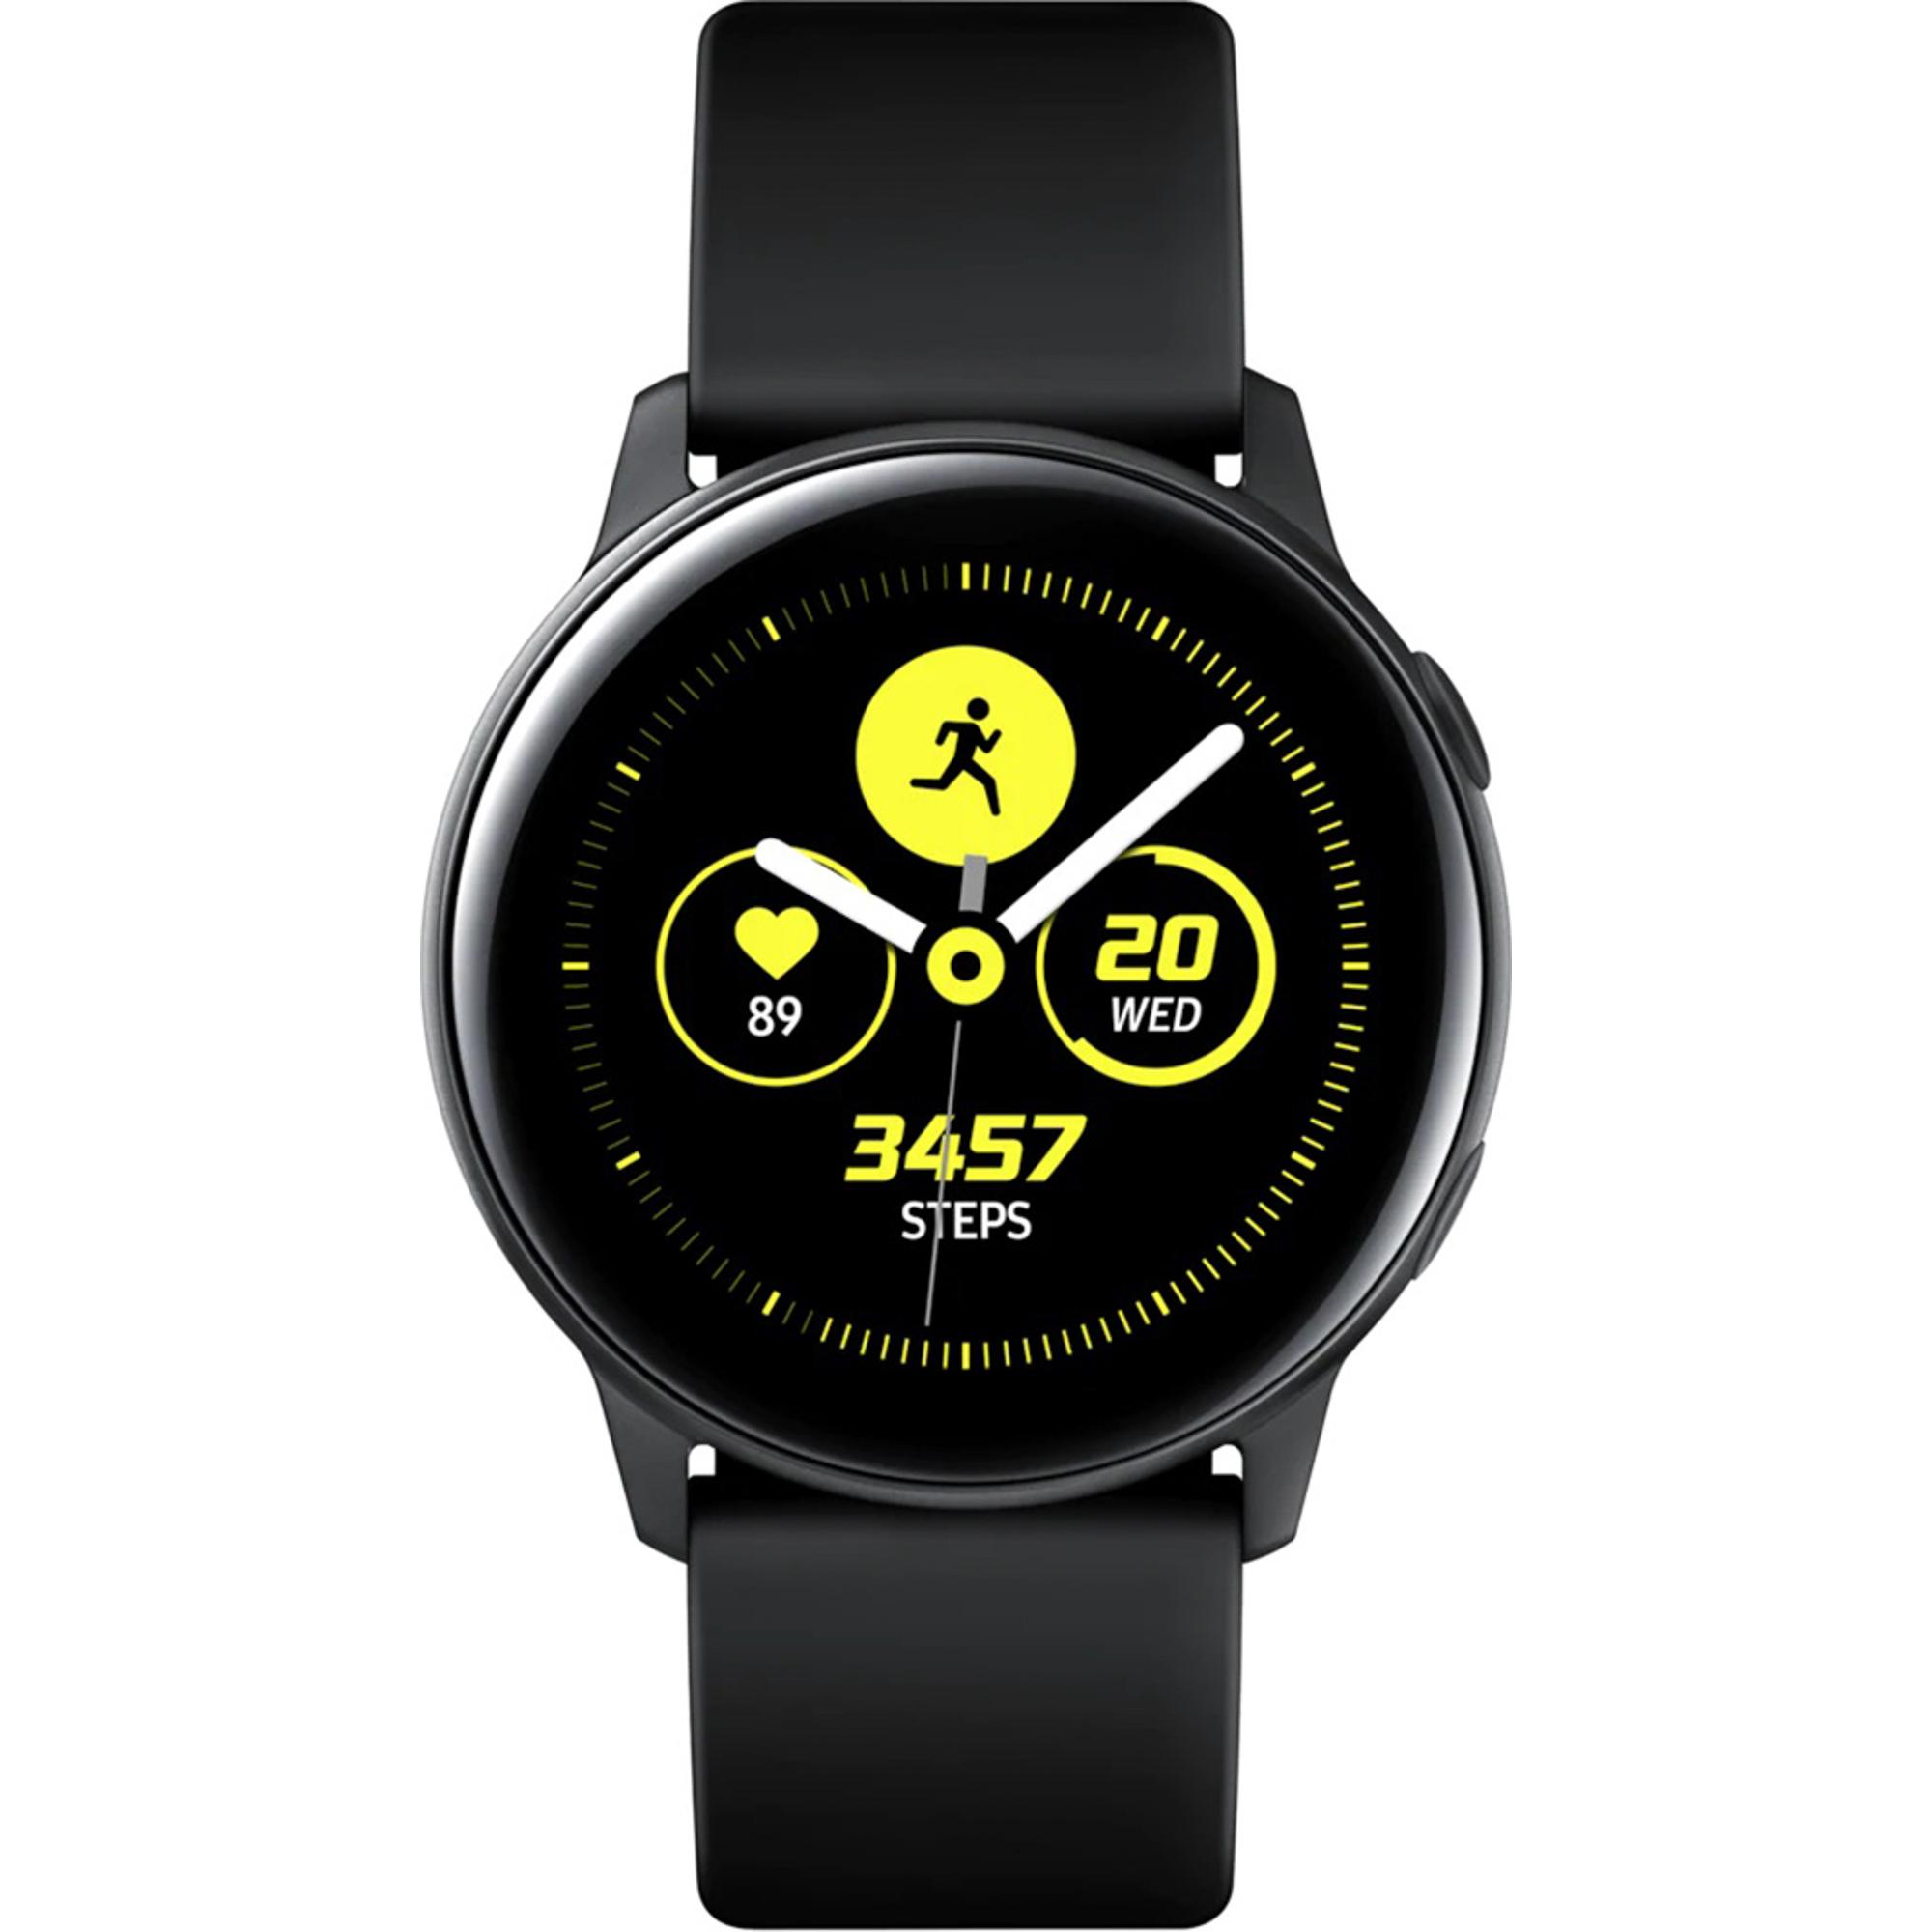 Фото - Умные часы Samsung Galaxy Watch Active Черный сатин printio чехол для samsung galaxy s7 объёмная печать листья